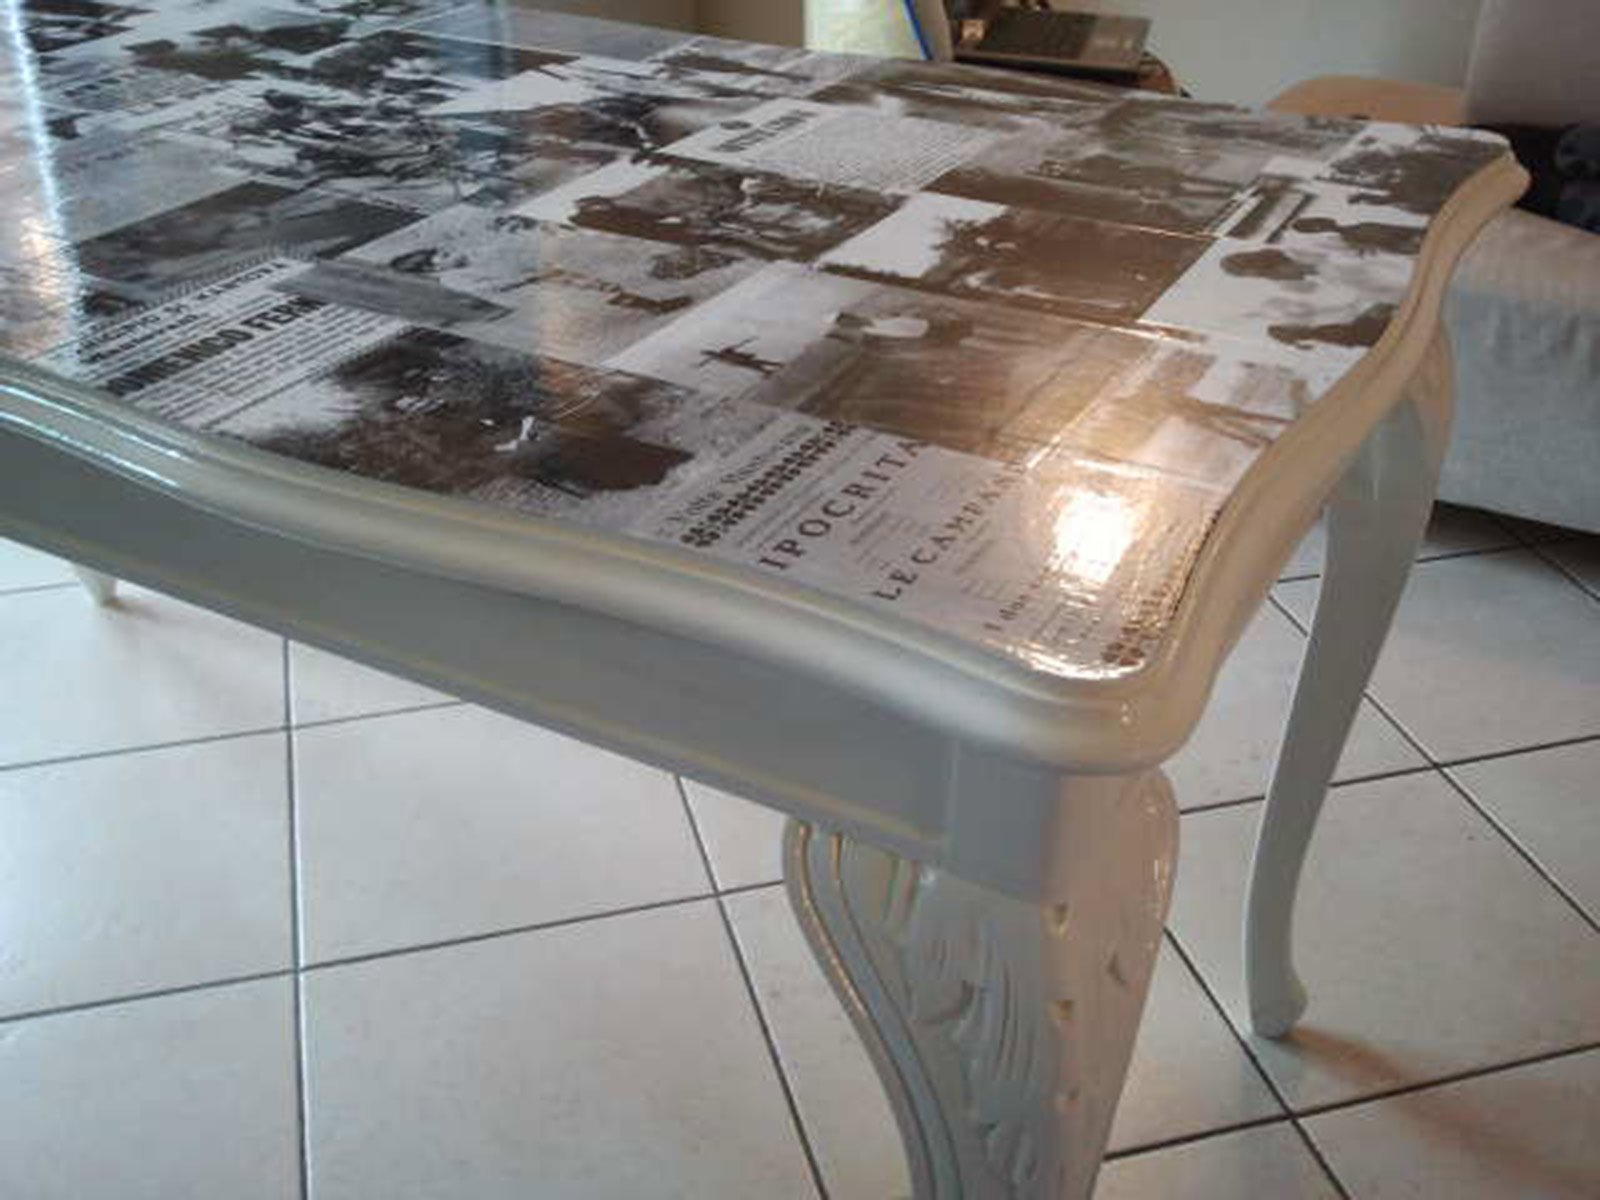 Rinnovare un vecchio tavolo in legno cose di casa - Dipingere cucina legno ...